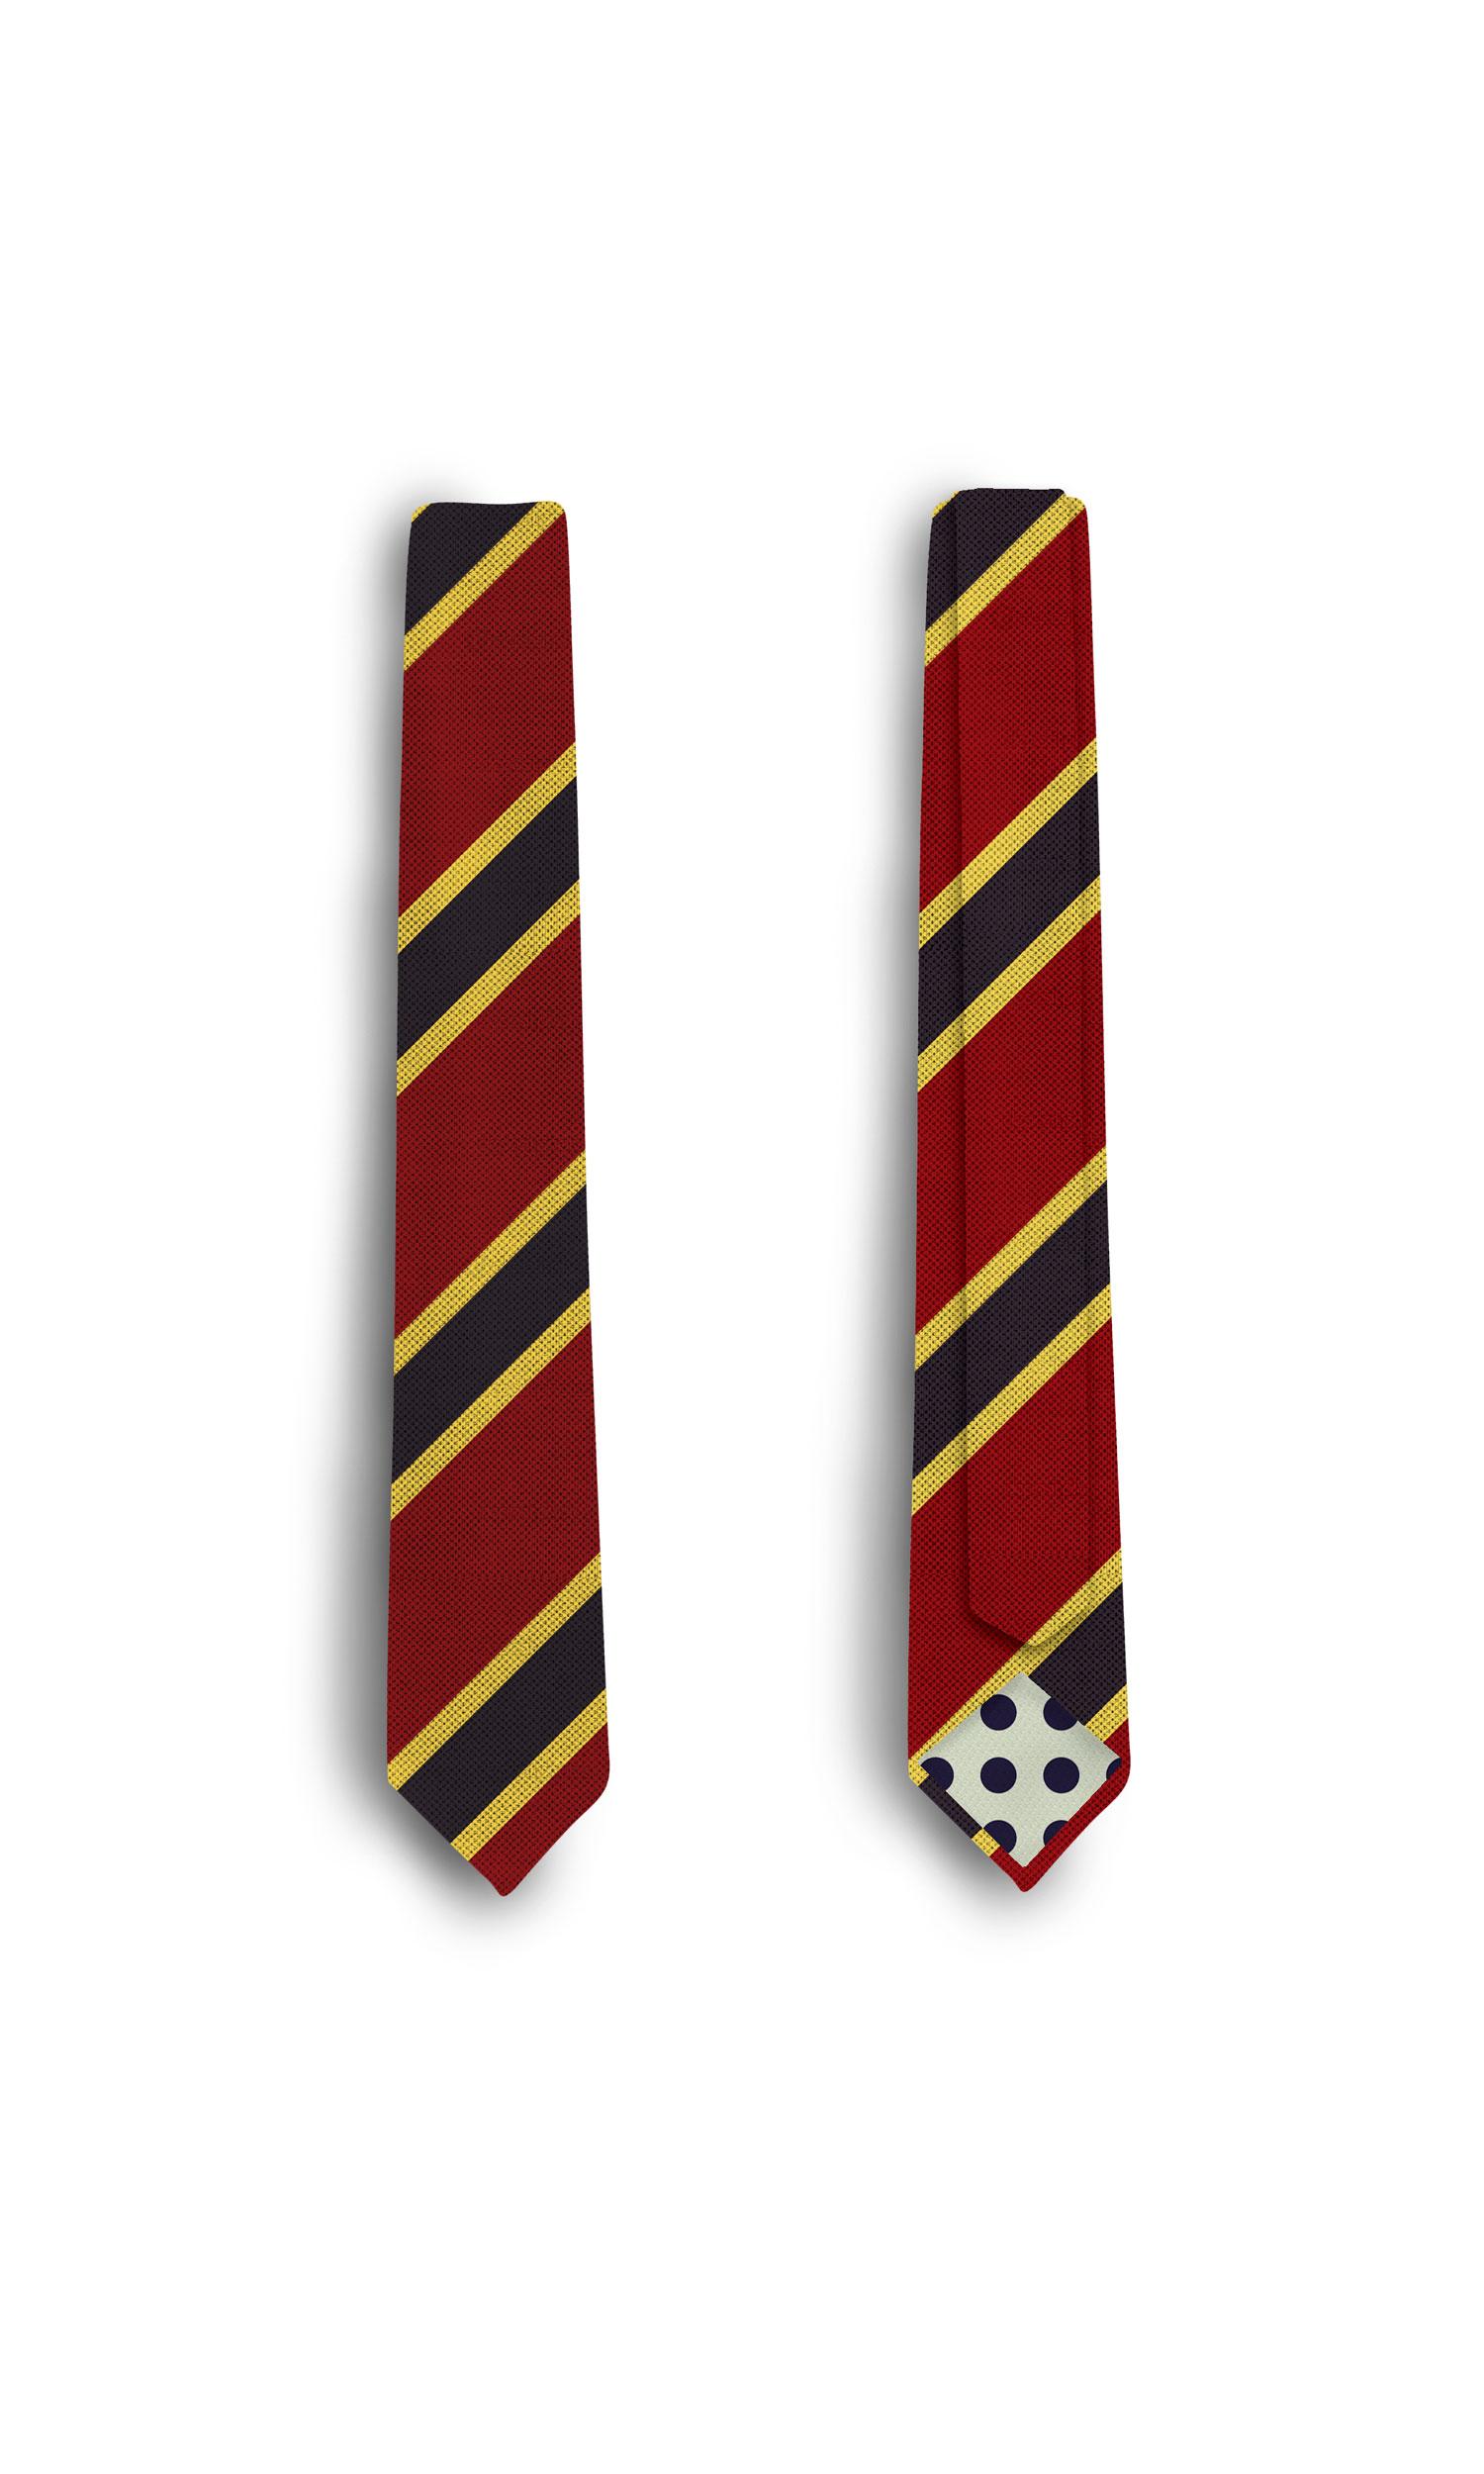 موکاپ کراوات به صورت پشت و رو